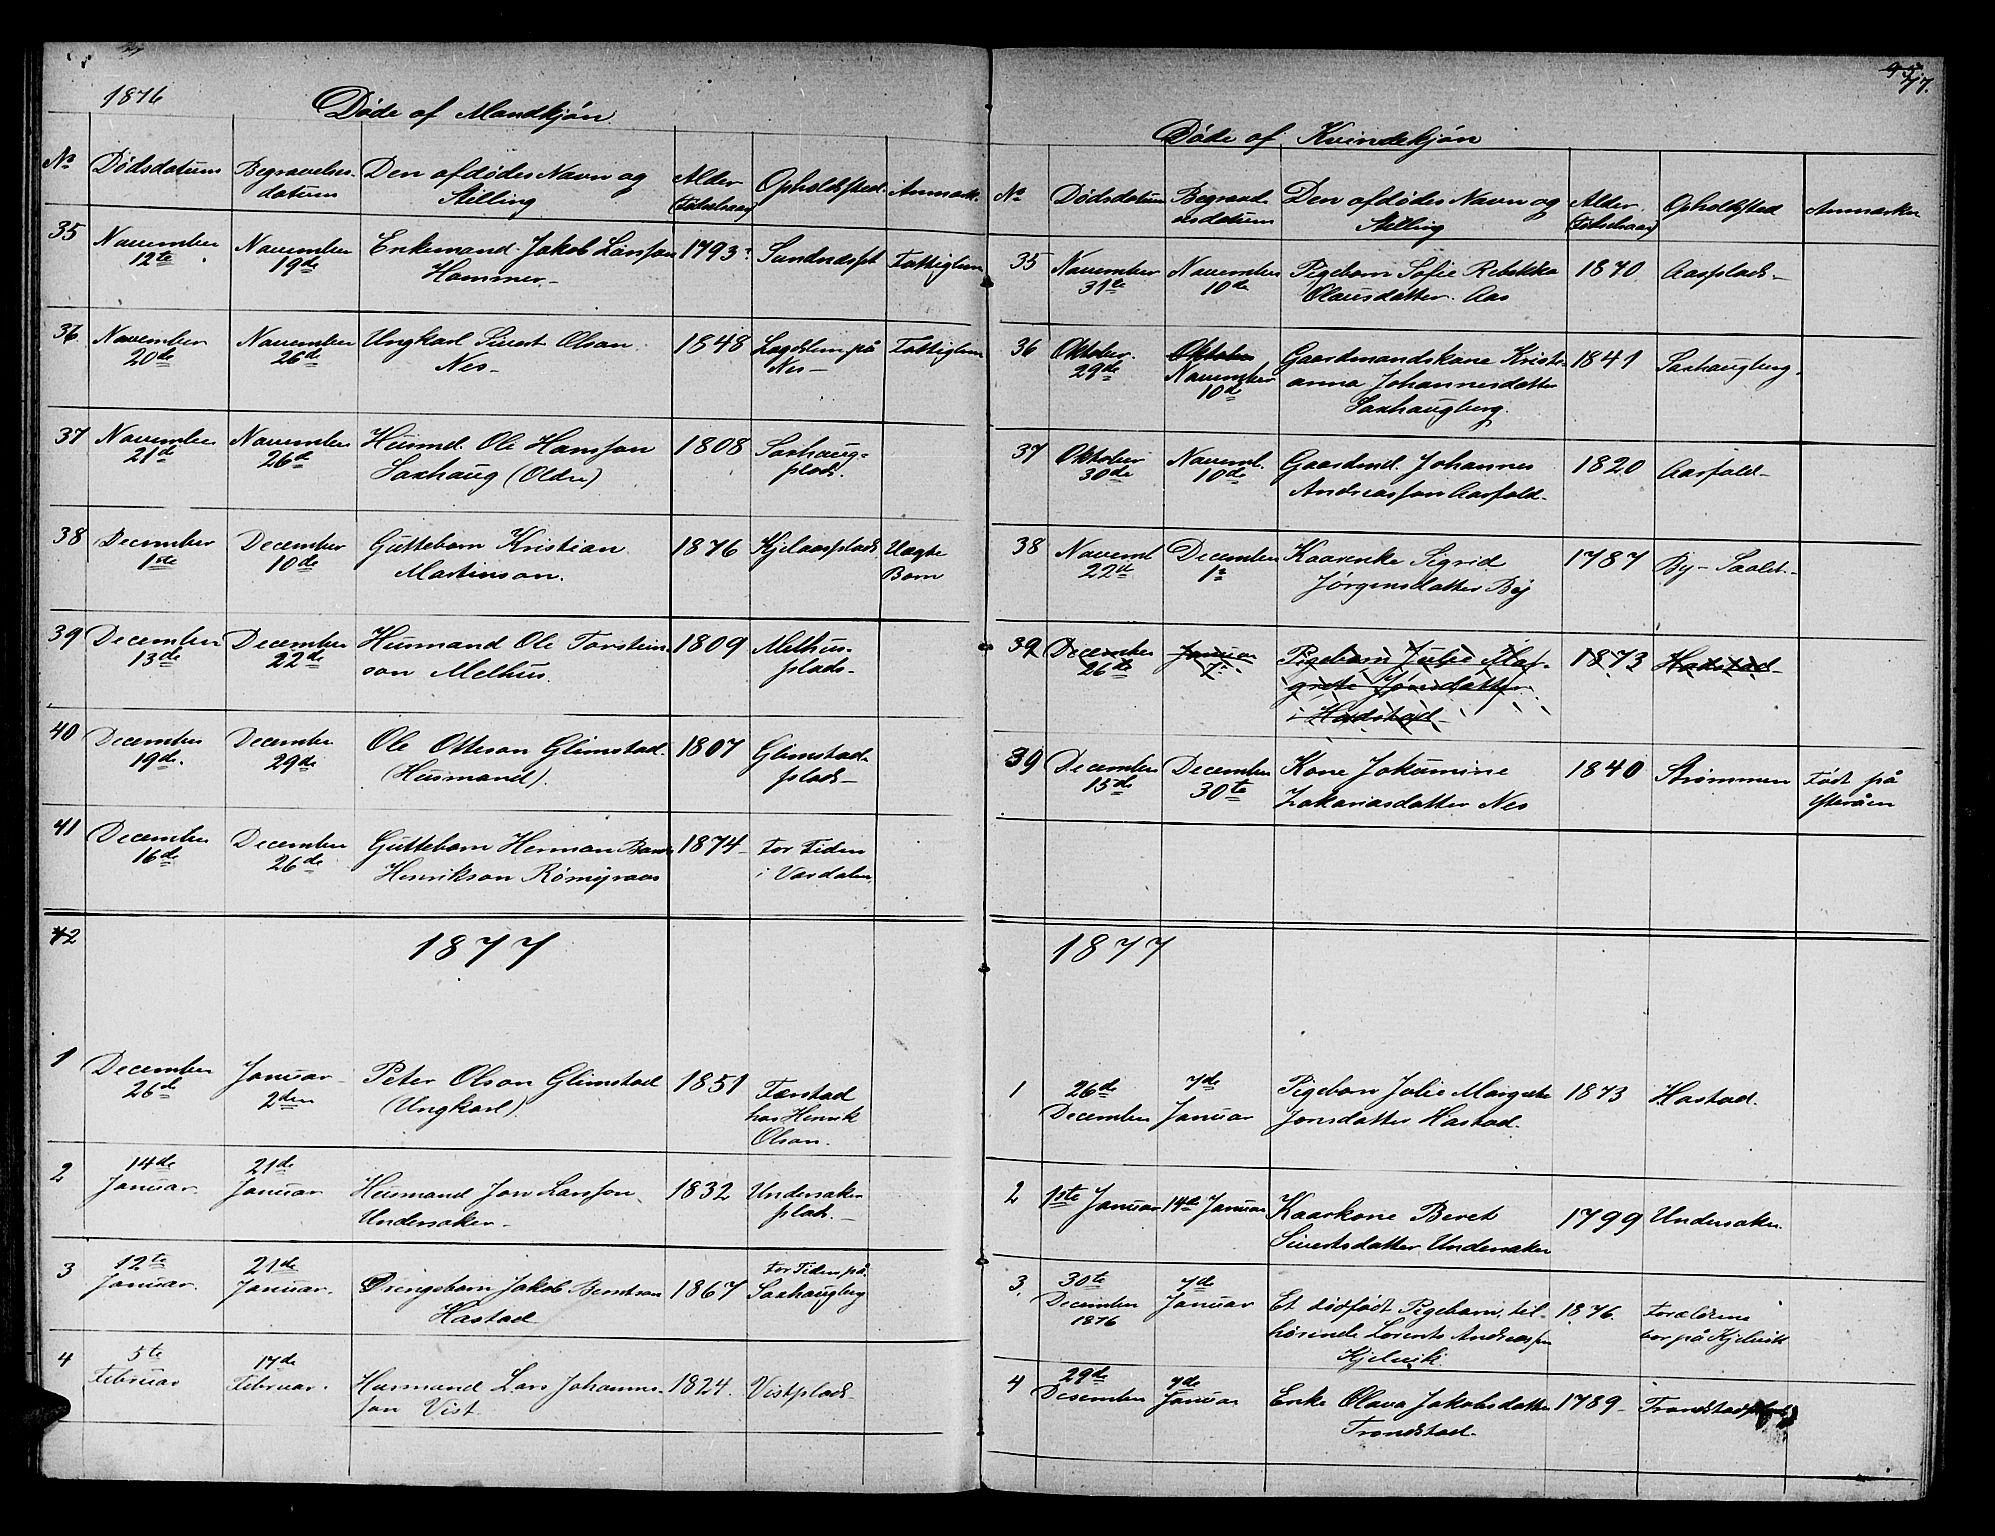 SAT, Ministerialprotokoller, klokkerbøker og fødselsregistre - Nord-Trøndelag, 730/L0300: Klokkerbok nr. 730C03, 1872-1879, s. 77